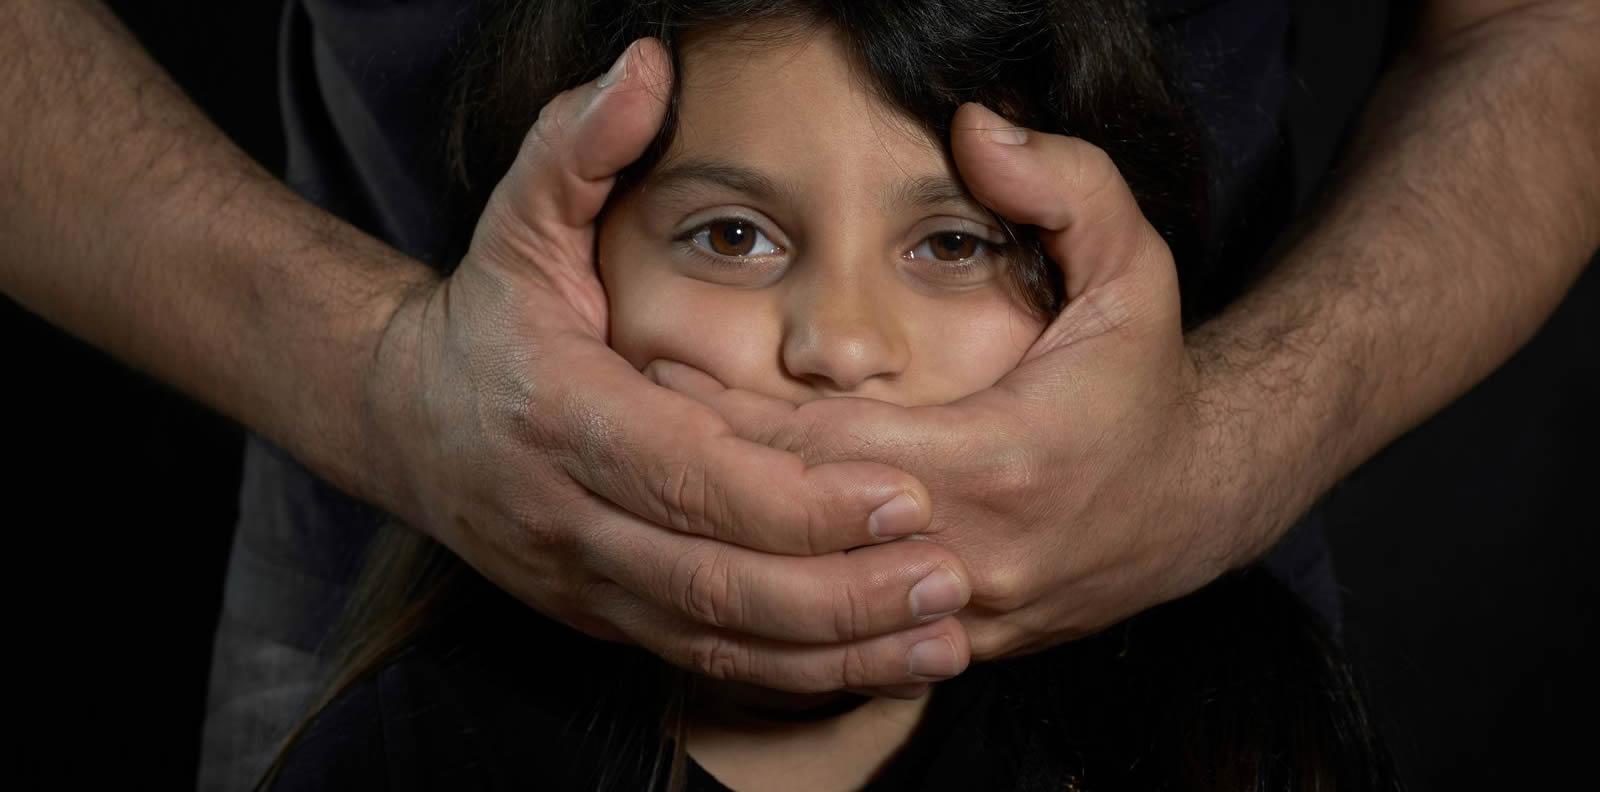 با اثرات روانشناختی و هیجانی سوءاستفاده ی جنسی در کودکان آشنا شوید!